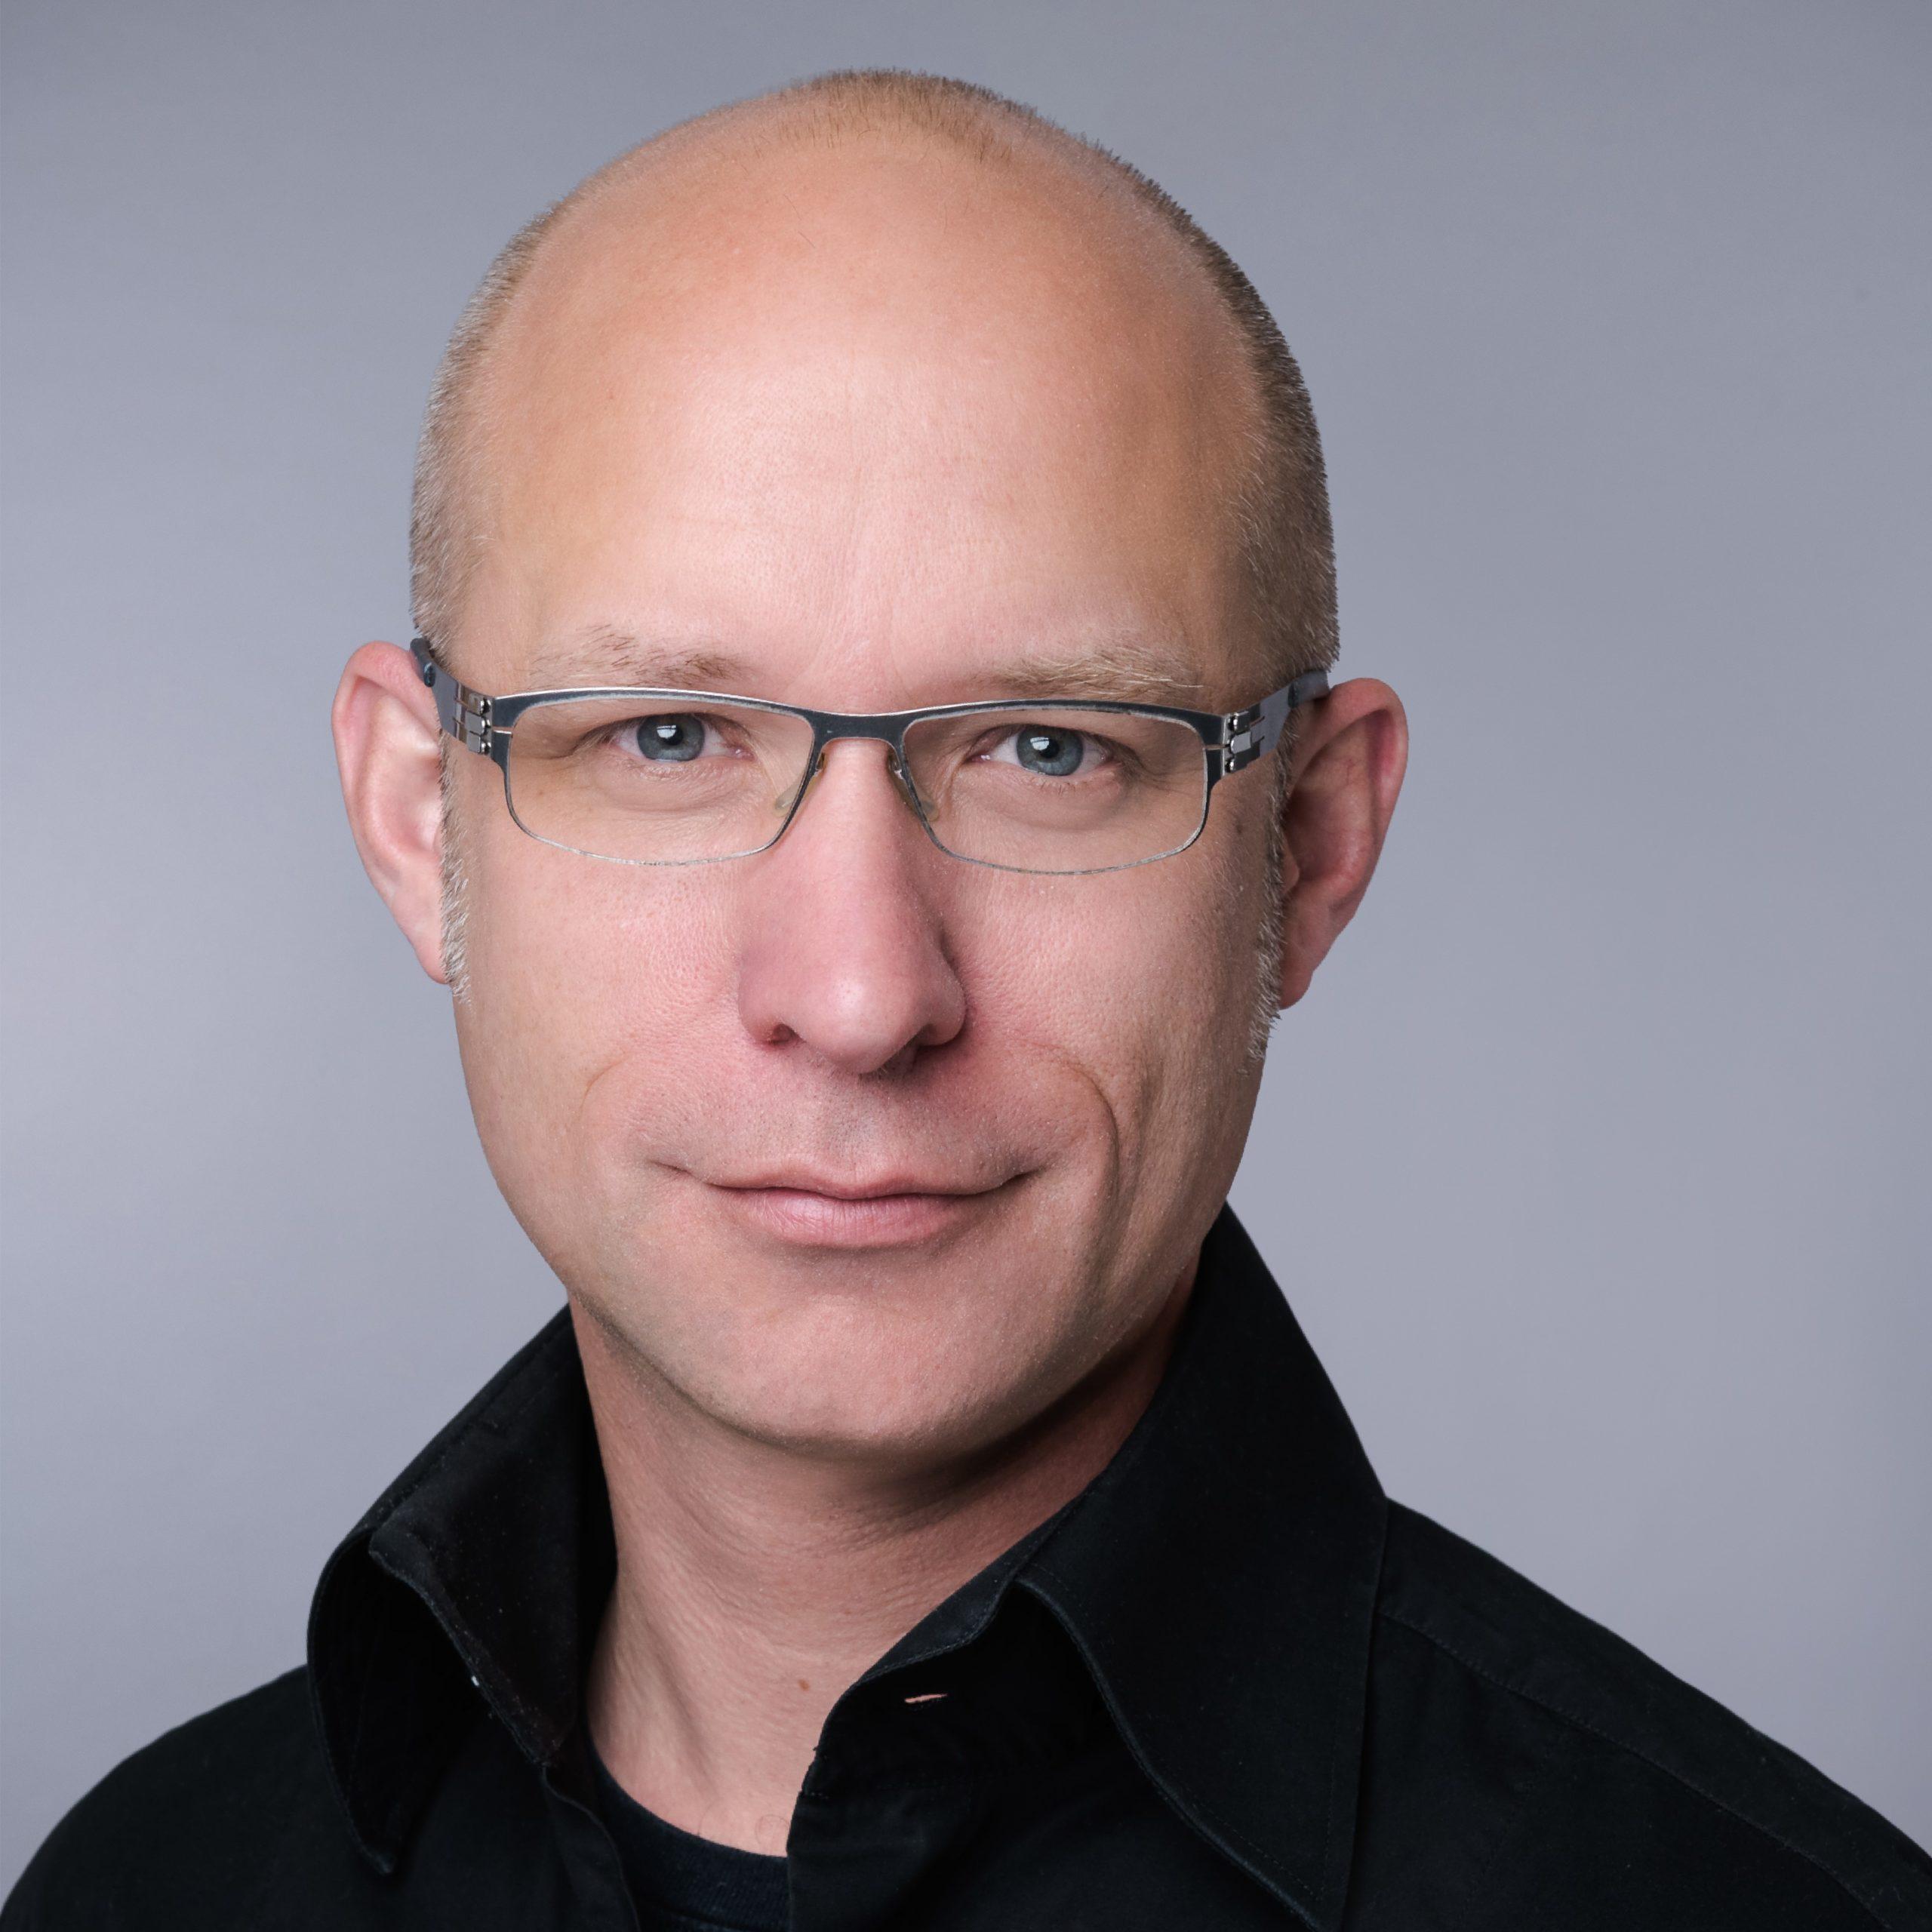 Dr. iur. Christian Laux, LL.M. (Stanford)